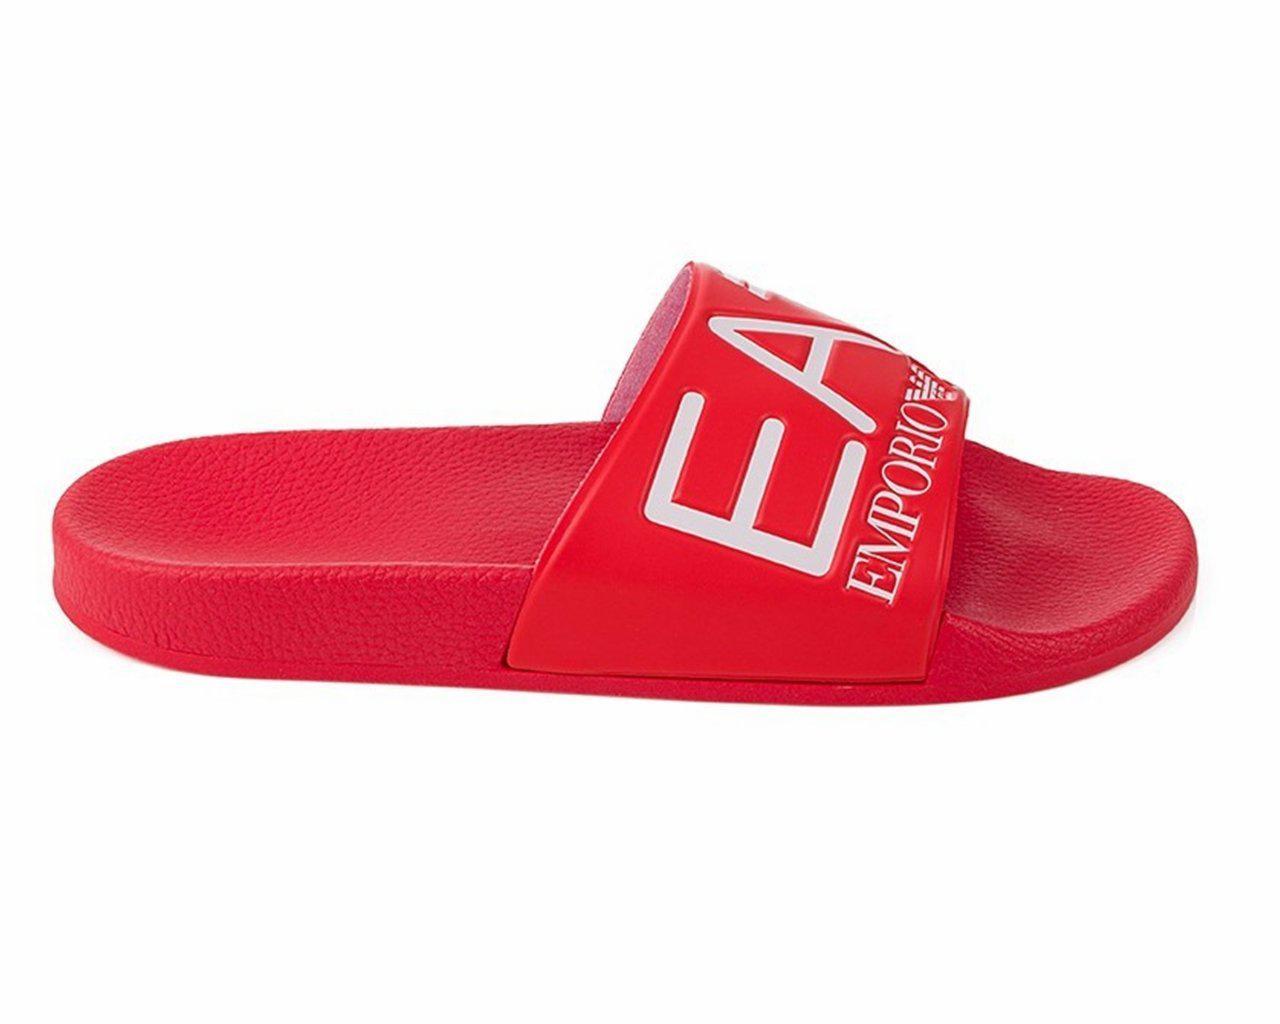 f9ad50c5f7e84 Emporio Armani Sea World Slippers Sliders Red in Red - Lyst